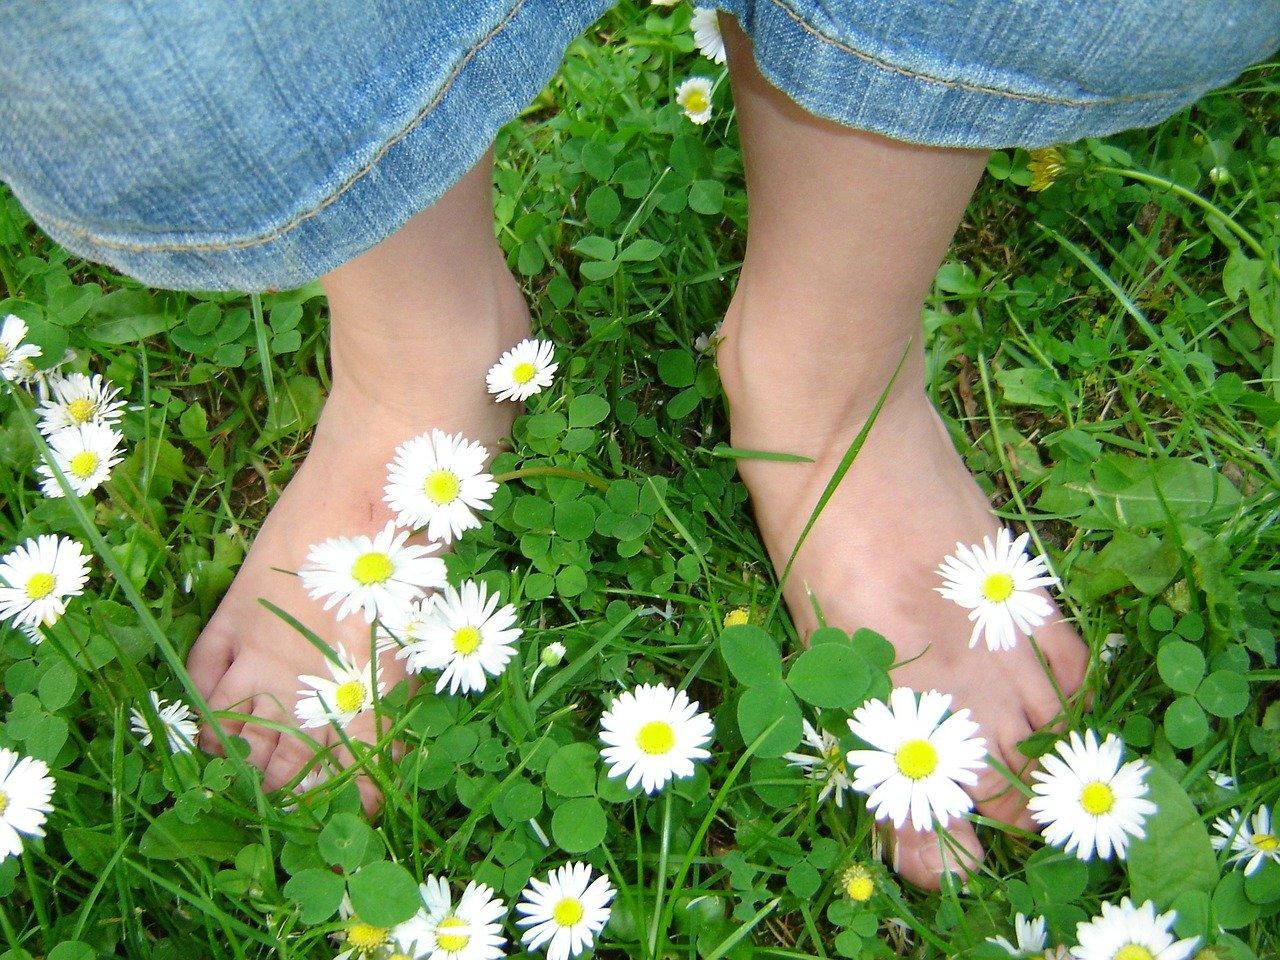 camminare a piedi scalzi